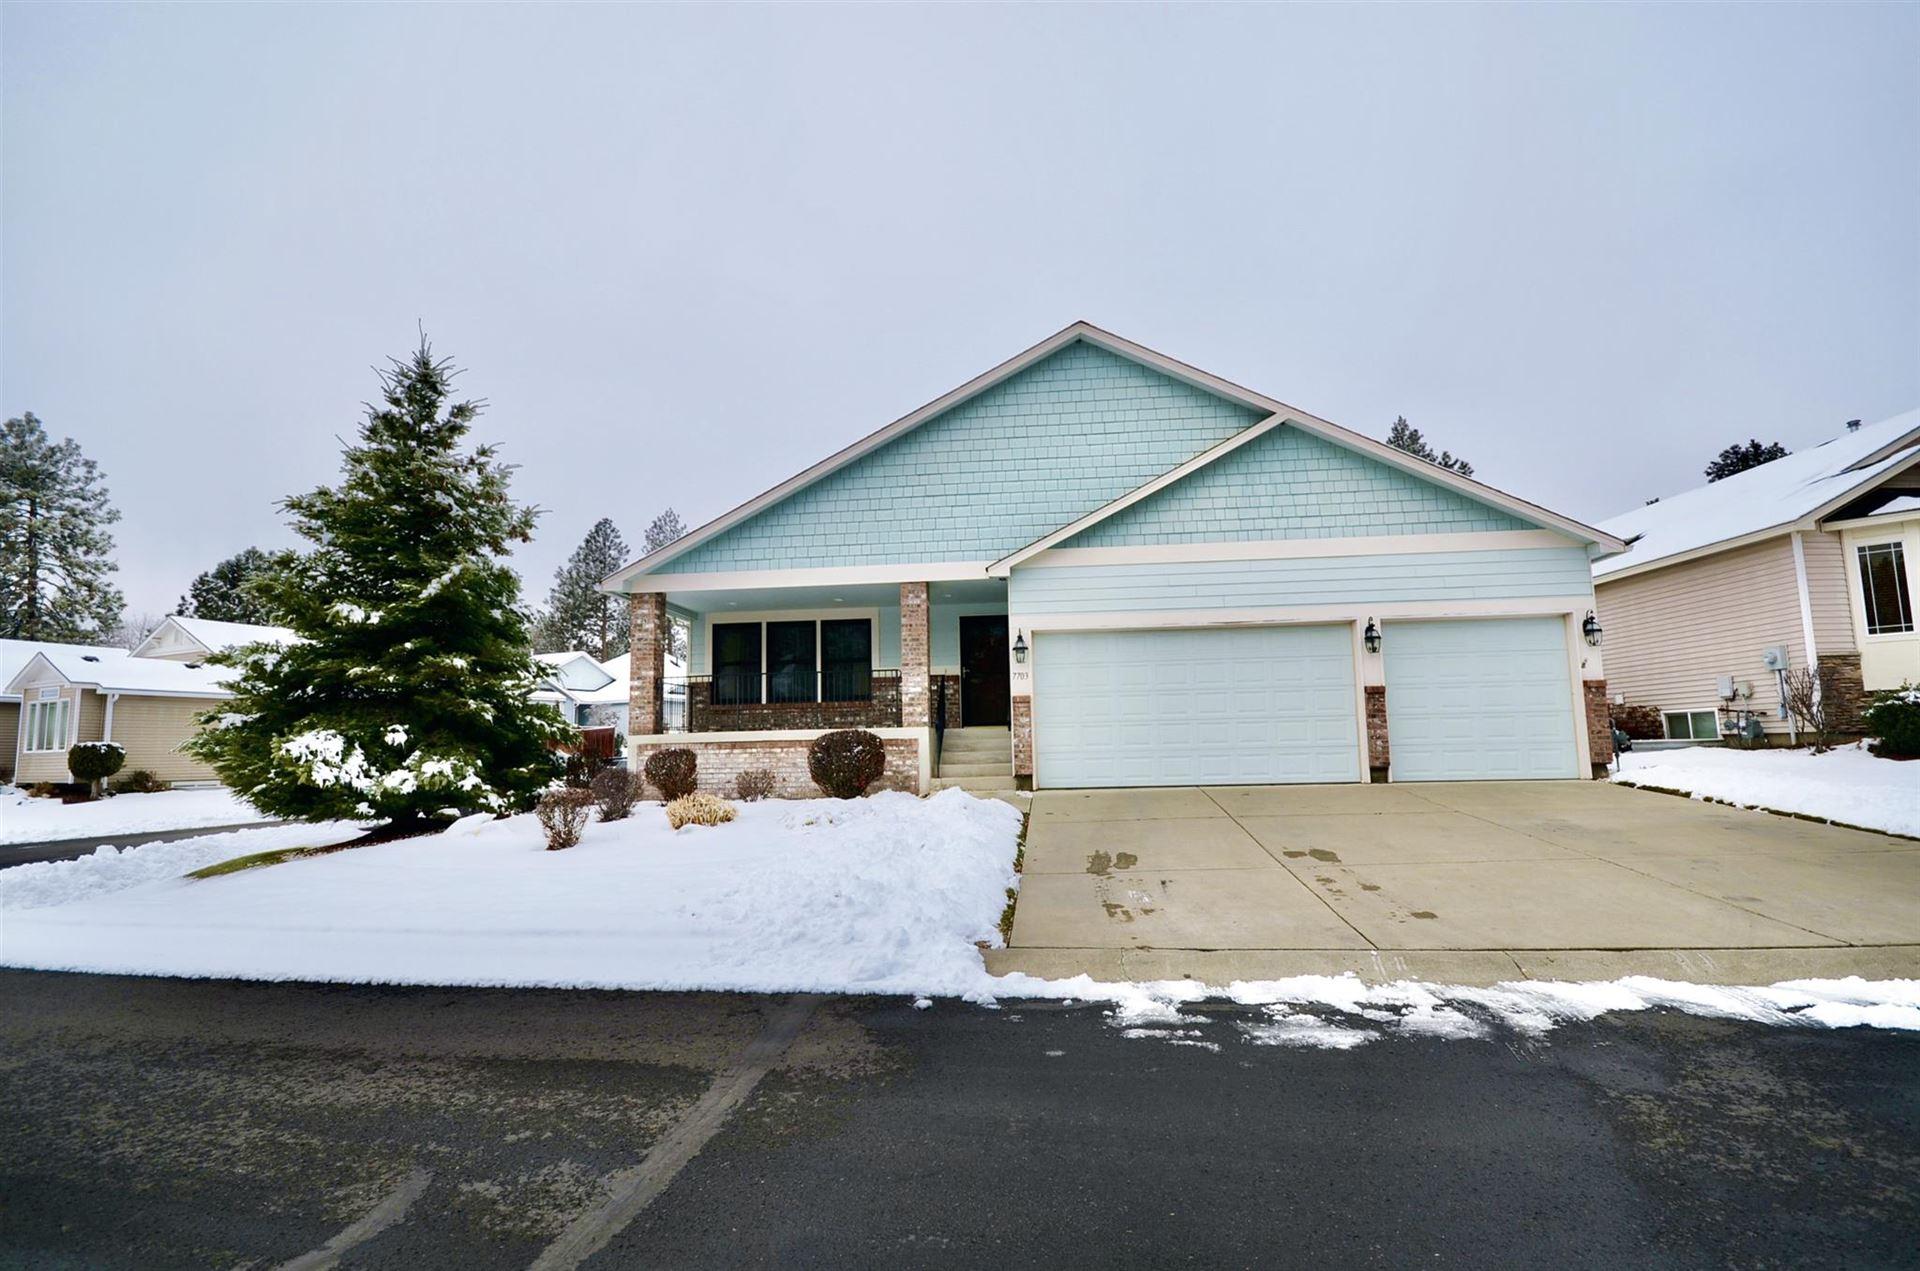 7703 N Calispel Ln, Spokane, WA 99208 - #: 202026024